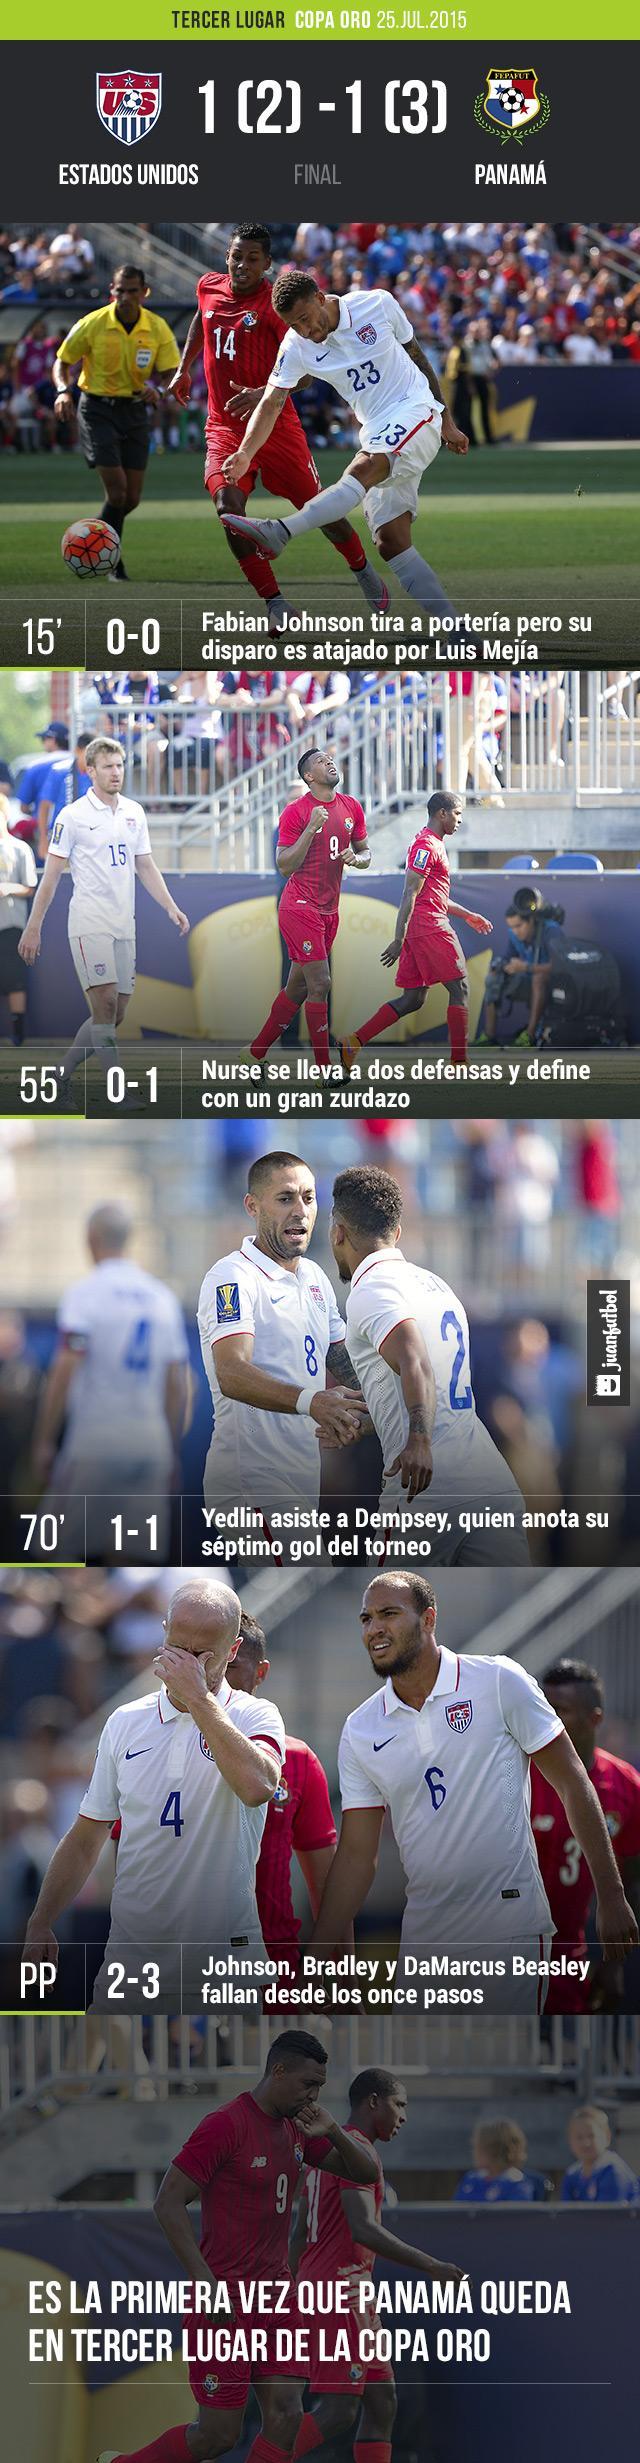 Panamá gana contra Estados Unidos el partido por el Tercer Lugar de Copa Oro